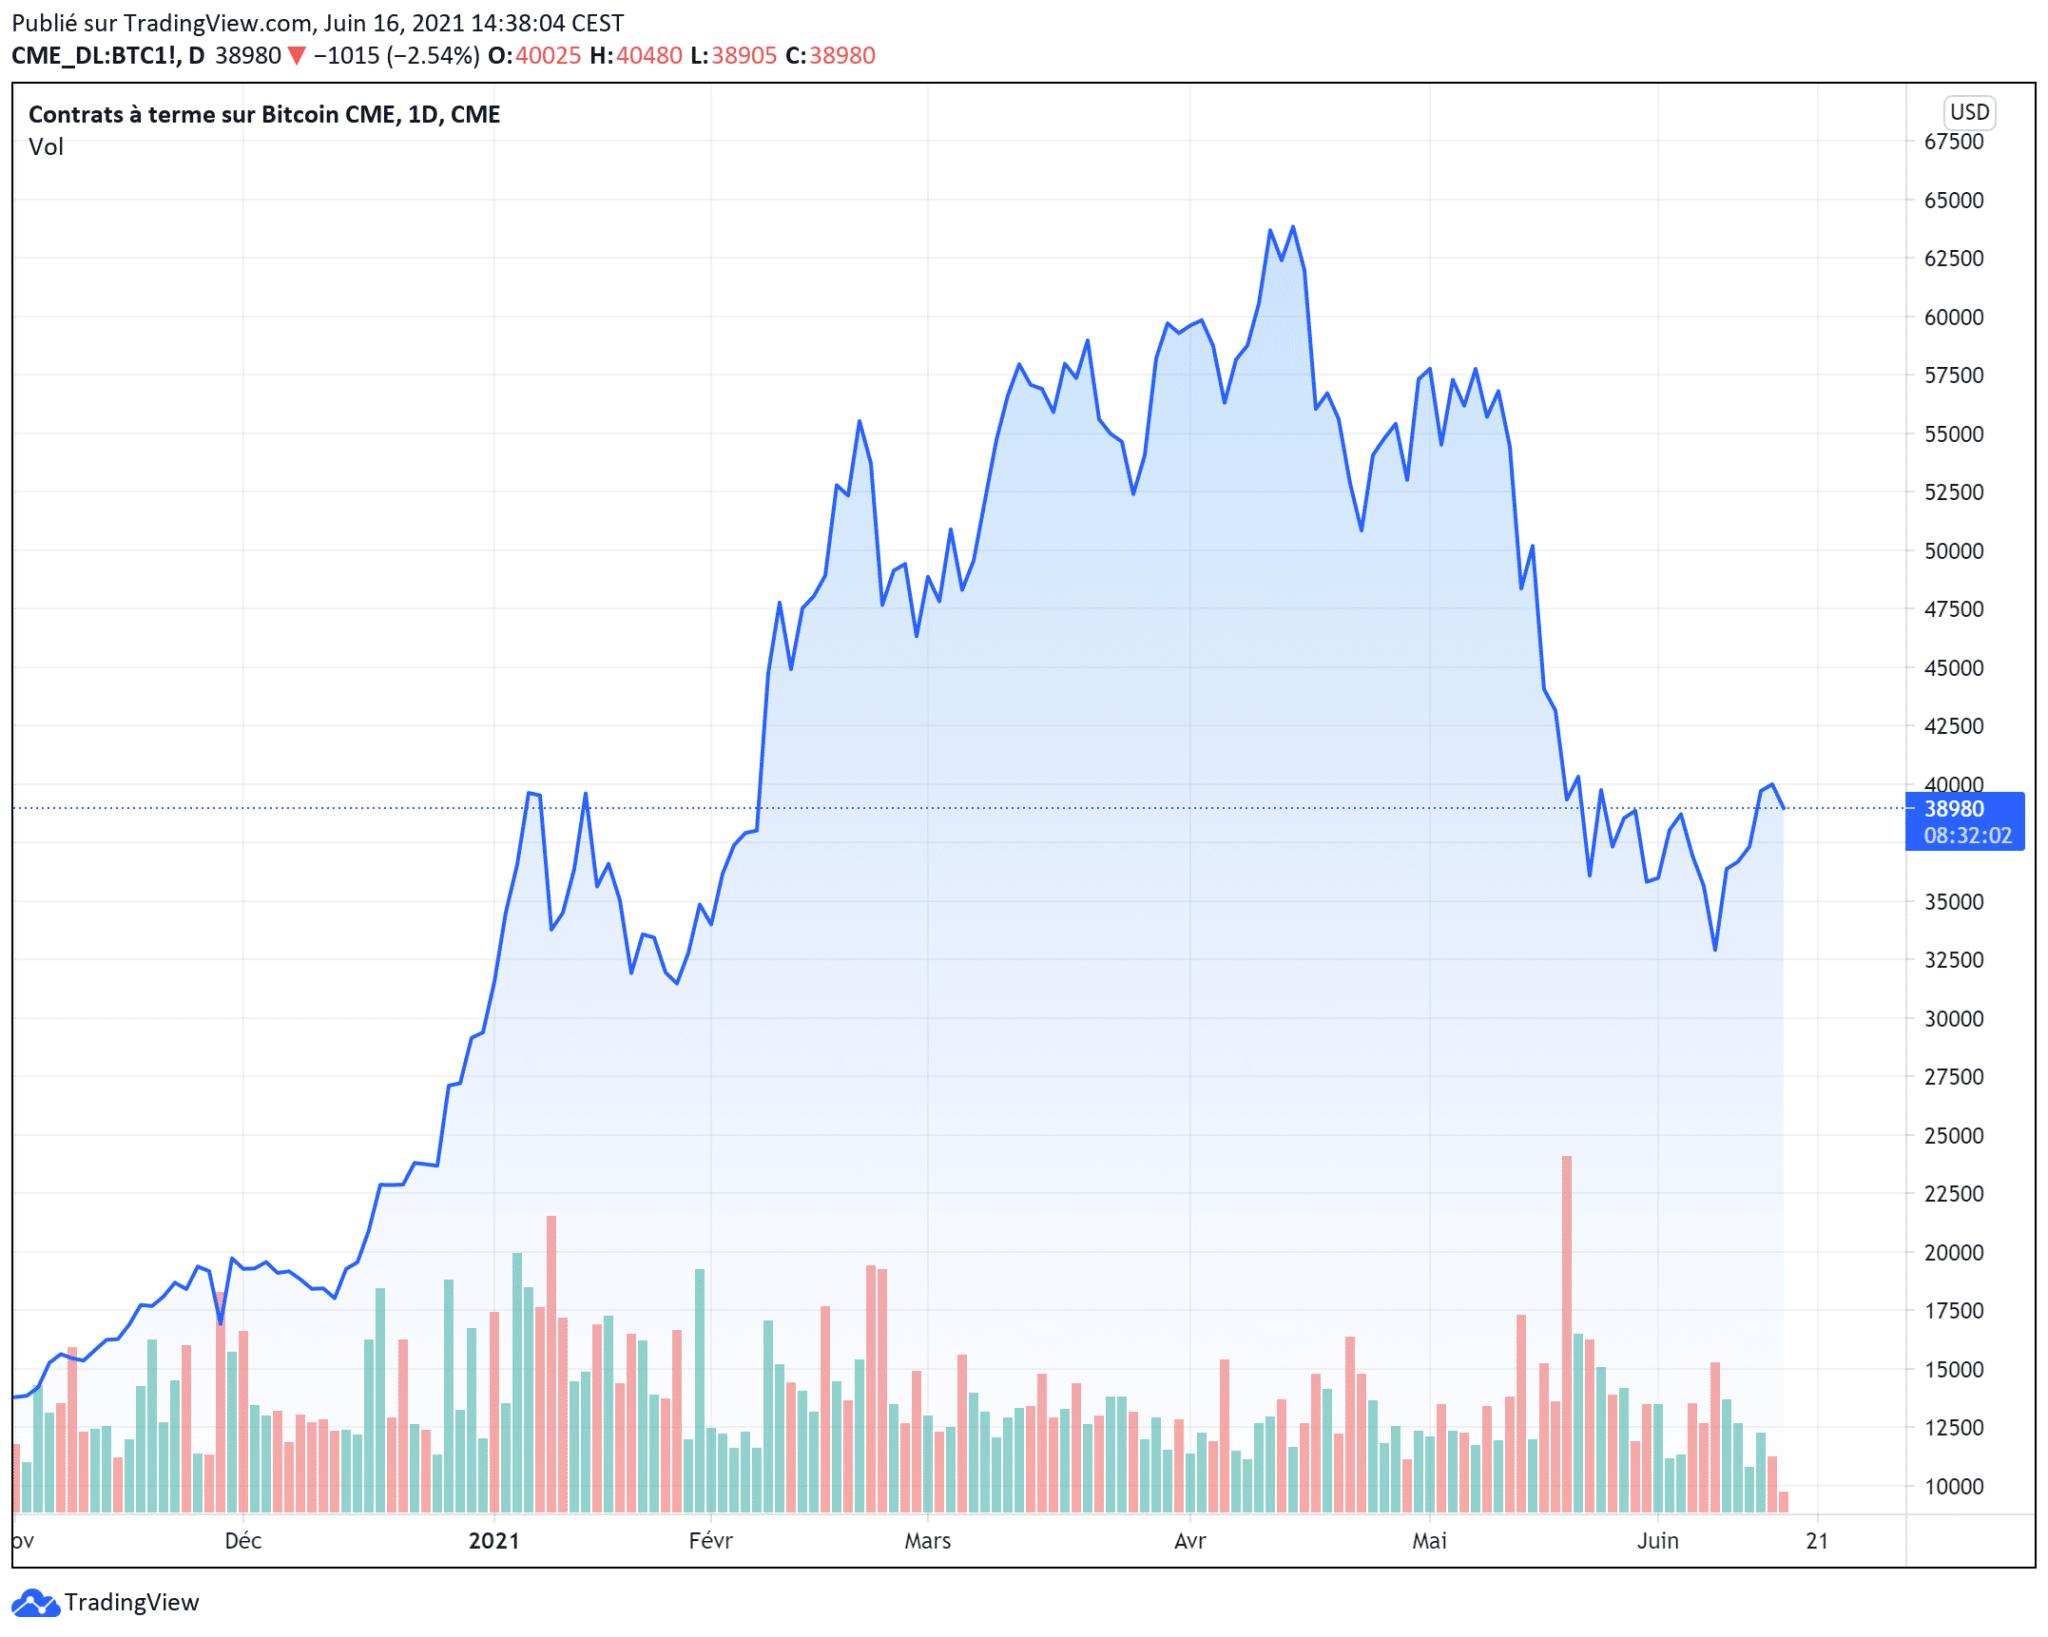 cours du Bitcoin BTC mercredi 16 juin 2021